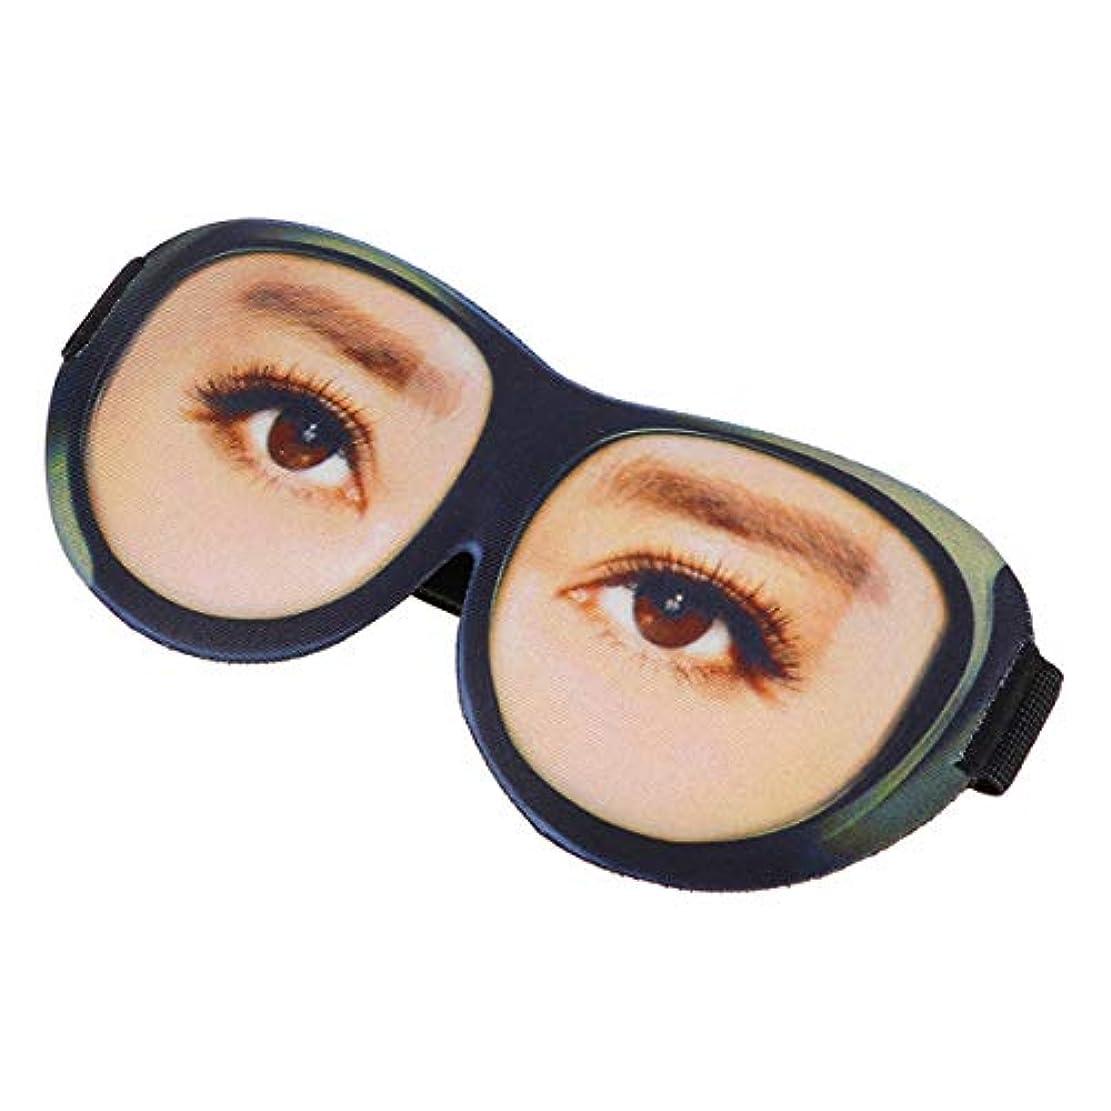 女将障害添加剤Beaupretty 調節可能なストラップアイシェード付き睡眠マスククリエイティブメガネ3dアイシェード遮光ブロックforTravel睡眠補助